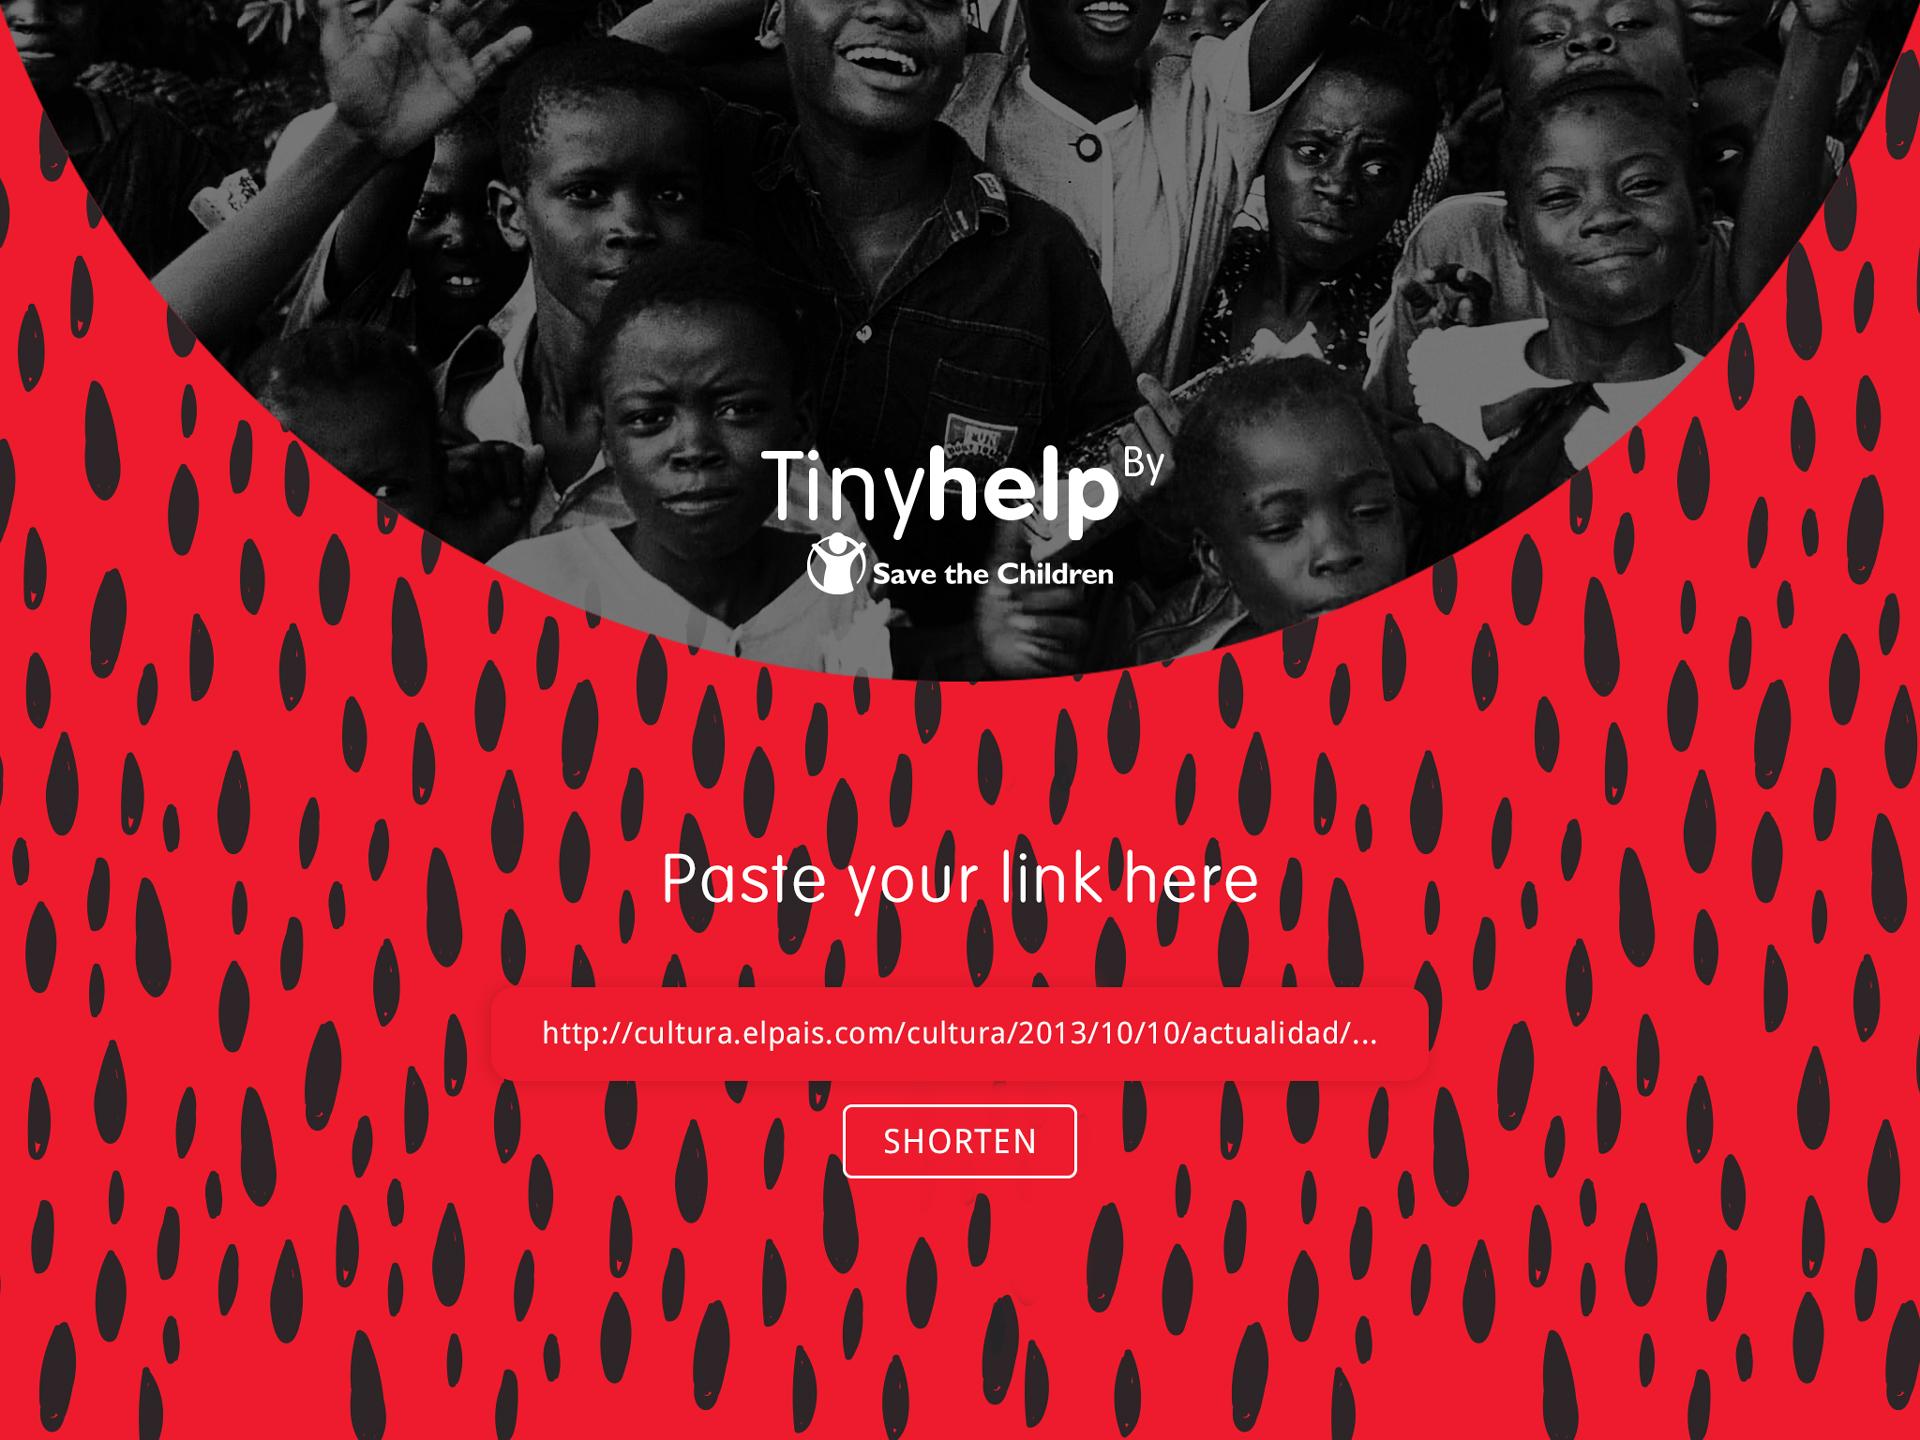 tiny_help_ipad_v2_paste_link